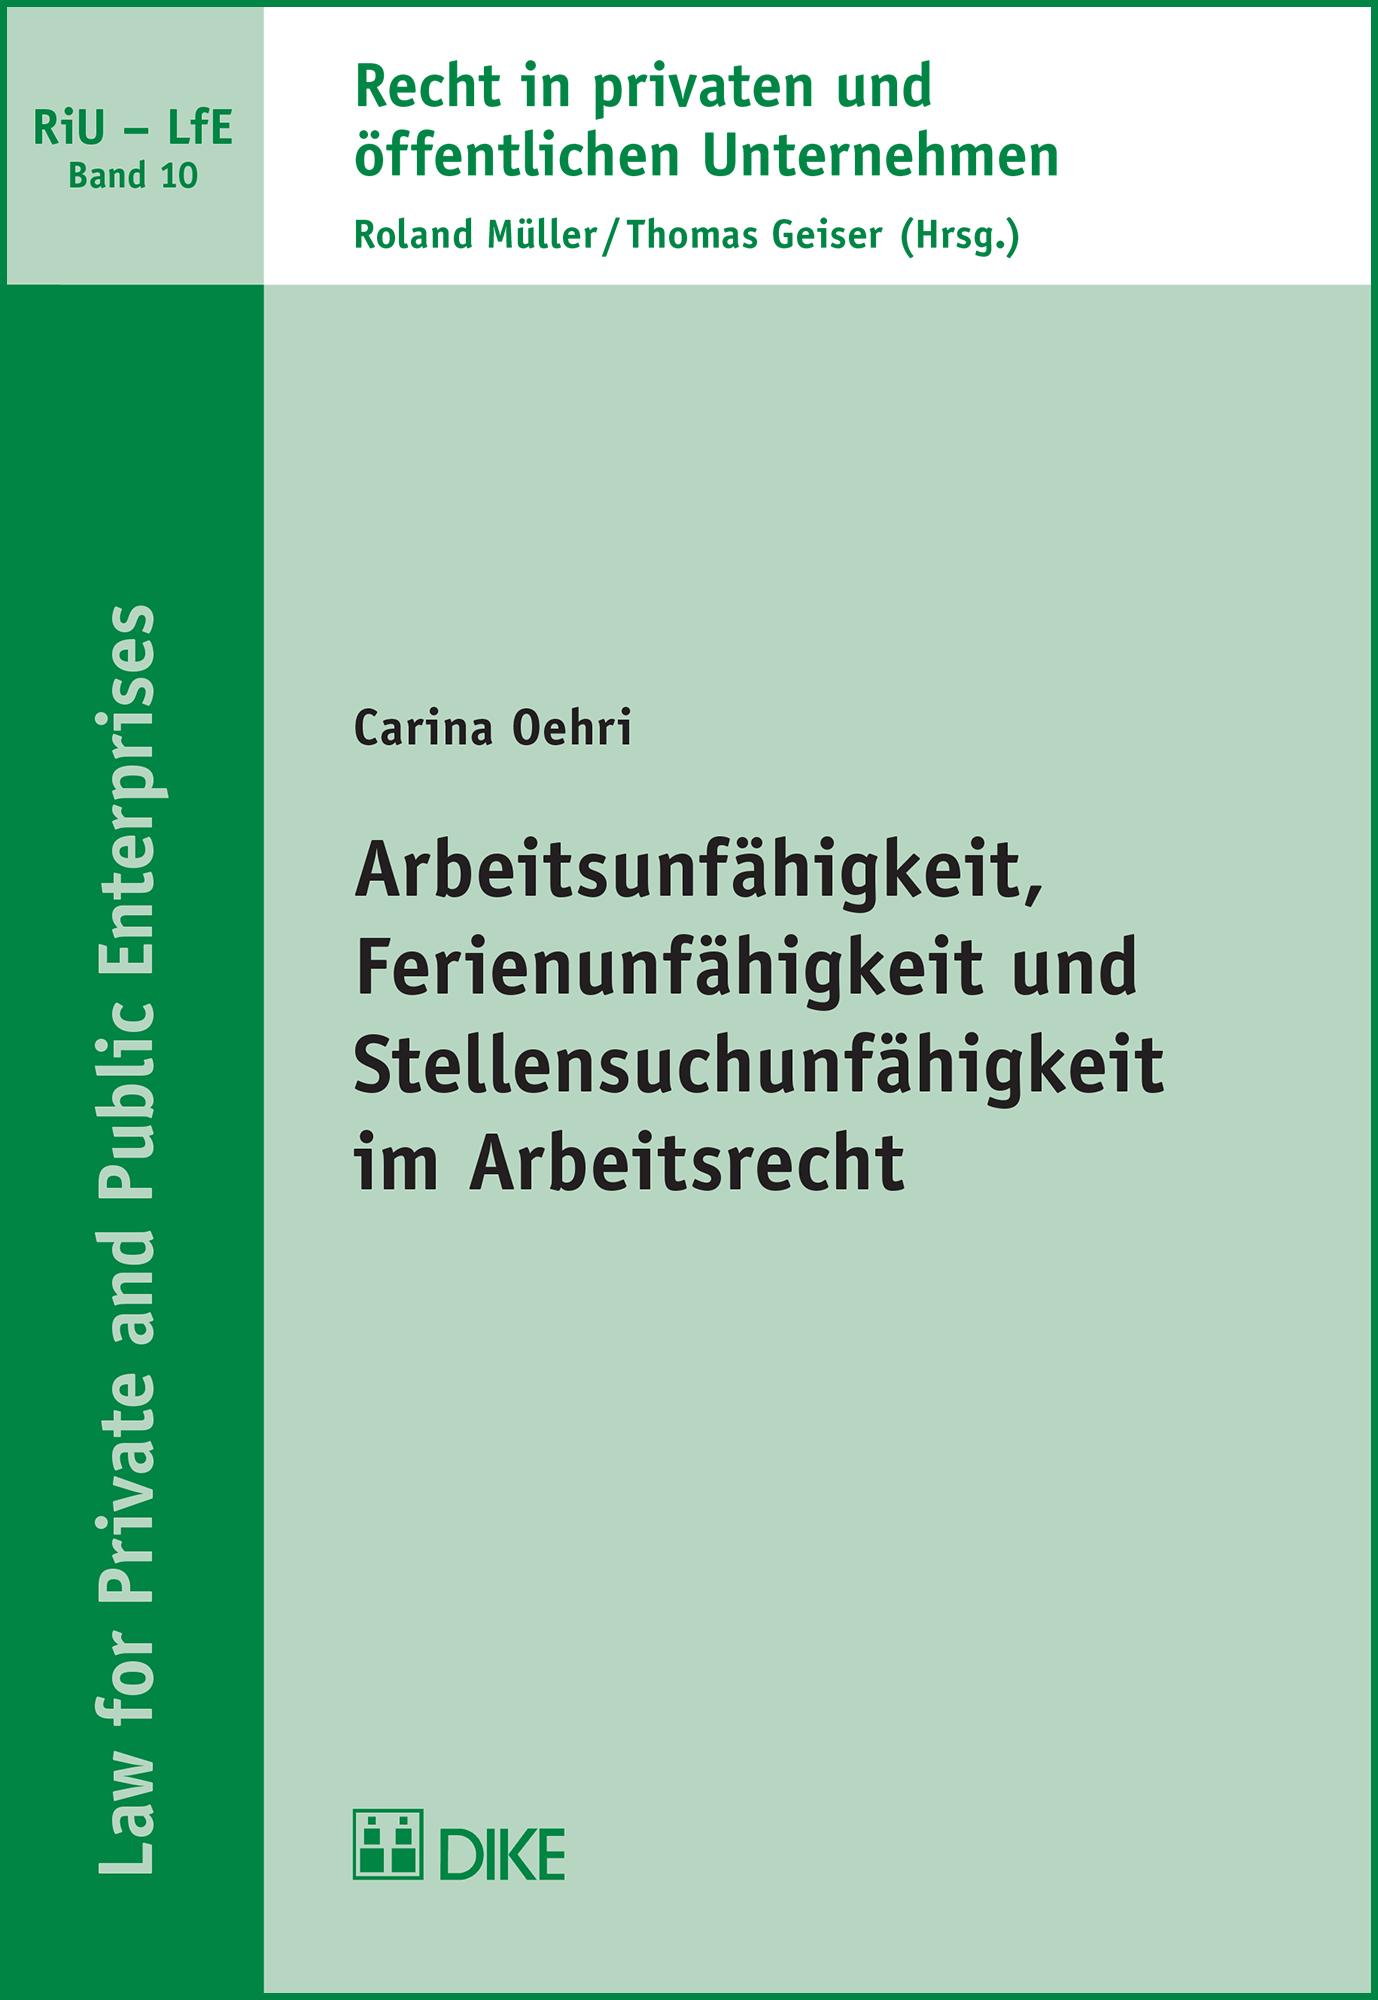 Arbeitsunfähigkeit, Ferienunfähigkeit und Stellensuchunfähigkeit im Arbeitsrecht